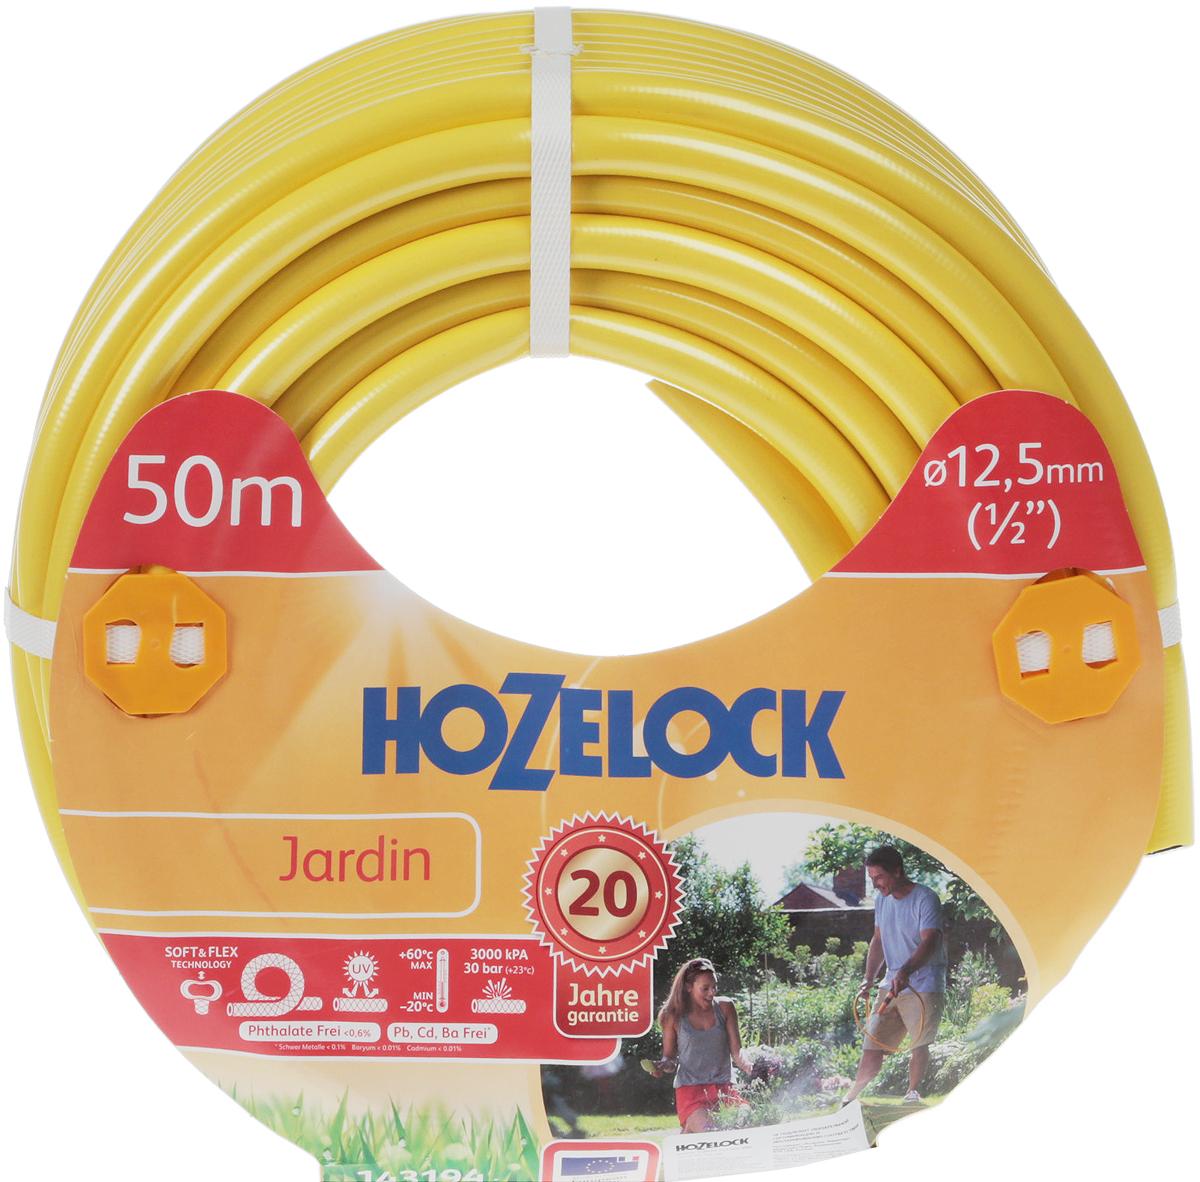 Шланг HoZelock 143194 Jardin 12,5 мм 50м• Усиленная защита от повреждений, перегибов и перекручиванияПрочный, гладкий Шланг, состоящий из 5-ти слоев, прекрасно подойдет тем, кто больше всего ценит в Шлангах надежность и износостойкость. Гладкий внутренний слой обеспечивает максимальный ток воды. Однородный микропористый слой из ПВХ по технологии Soft&Flex придает прочность стенкам Шланга, облегчает вес (до 25% легче, чем у конкурентов) и улучшает маневренность. Удобен в эксплуатации-легко сматывается в катушки и системы хранения. Специальное армированное плетение по технологии TNT предотвращает деформацию Шланга при скручивании; внешний слой из ПВХ защищает от повреждений. Яркий желтый цвет позволяет Вам без труда увидеть Шланг на Вашем участке. Материалы, из которых состоит Шланг, являются безопасными для человека и окружающей среды-не содержат фталатов, тяжелых металлов и вредных токсинов.